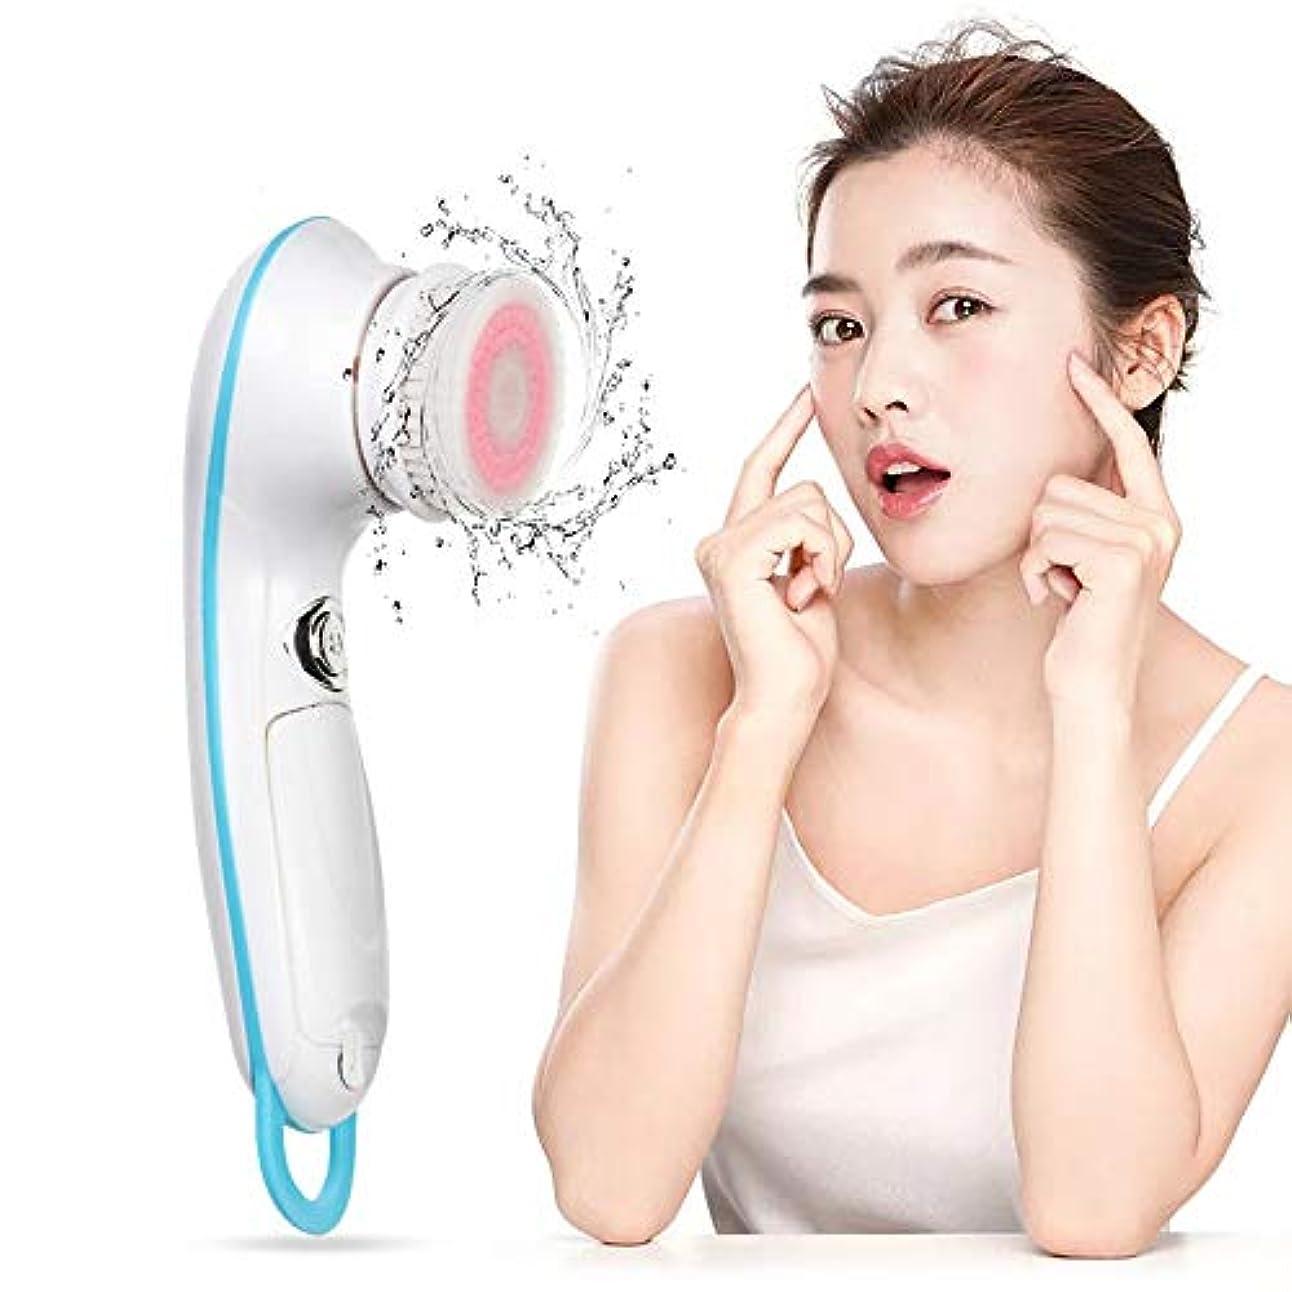 交換二層知り合い洗顔は、ブラックヘッドの取り外しとタイマーとのスキンクレンザーメイク除去フェイスマッサージをマッサージ、ディープクレンジング、エクスフォリエイティング用防水、電気ブラシ